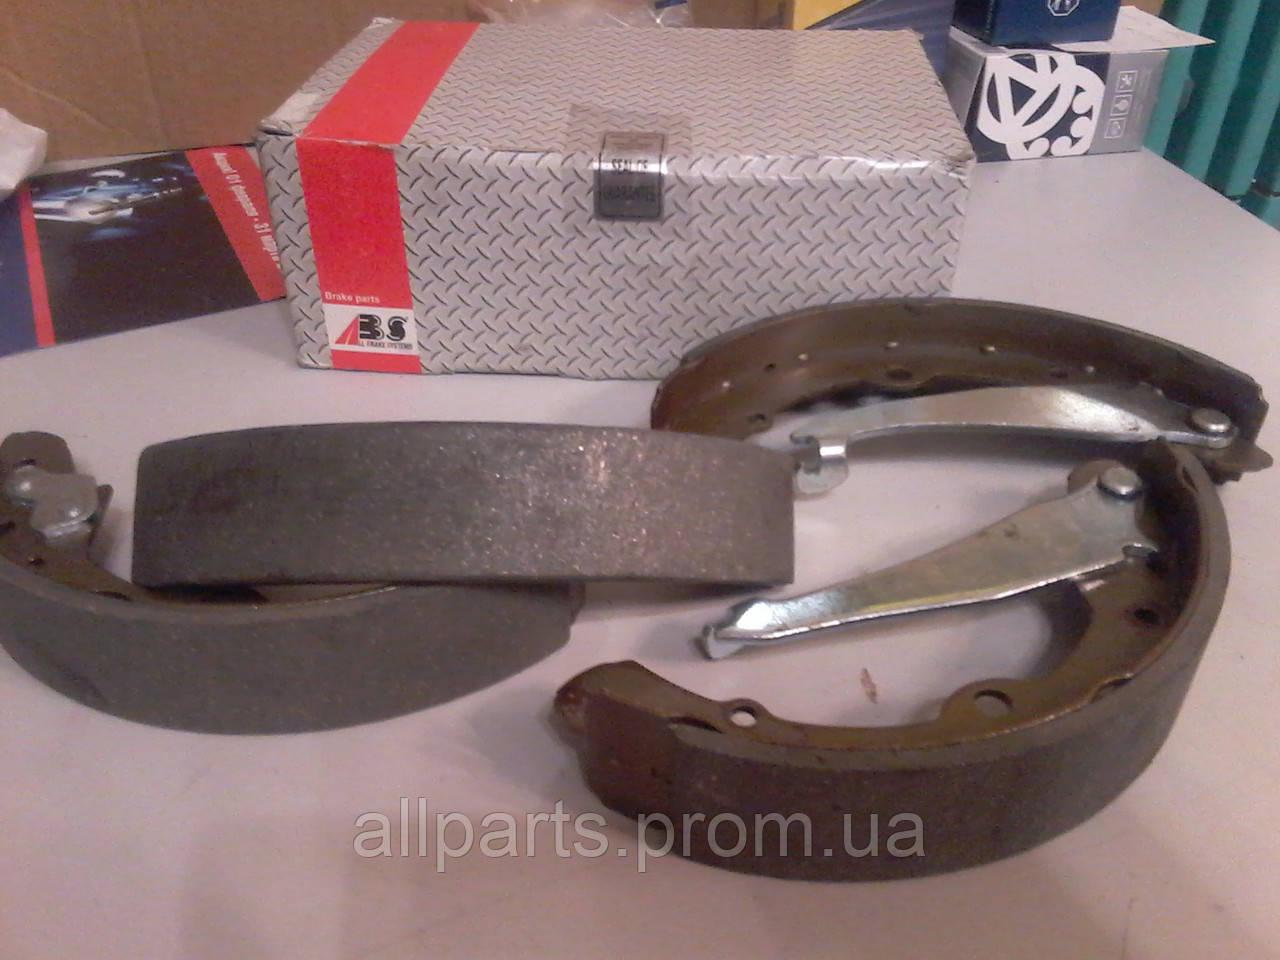 Тормозные колодки задние AUDI 100 (1982-91) барабанные